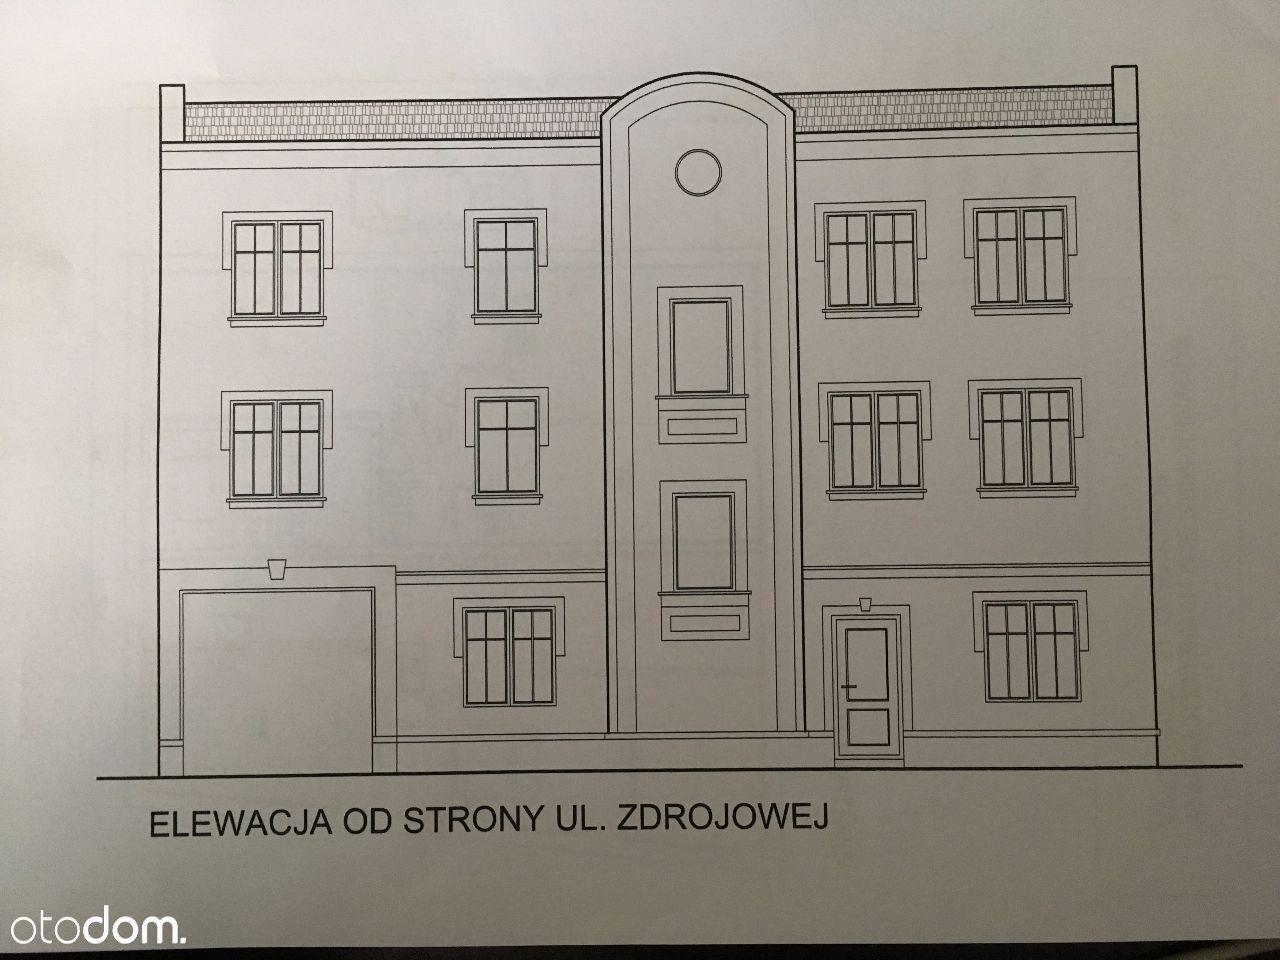 Koronowo,b. wielorodz. 360zł/m2 PUM,195000zł F-VAT